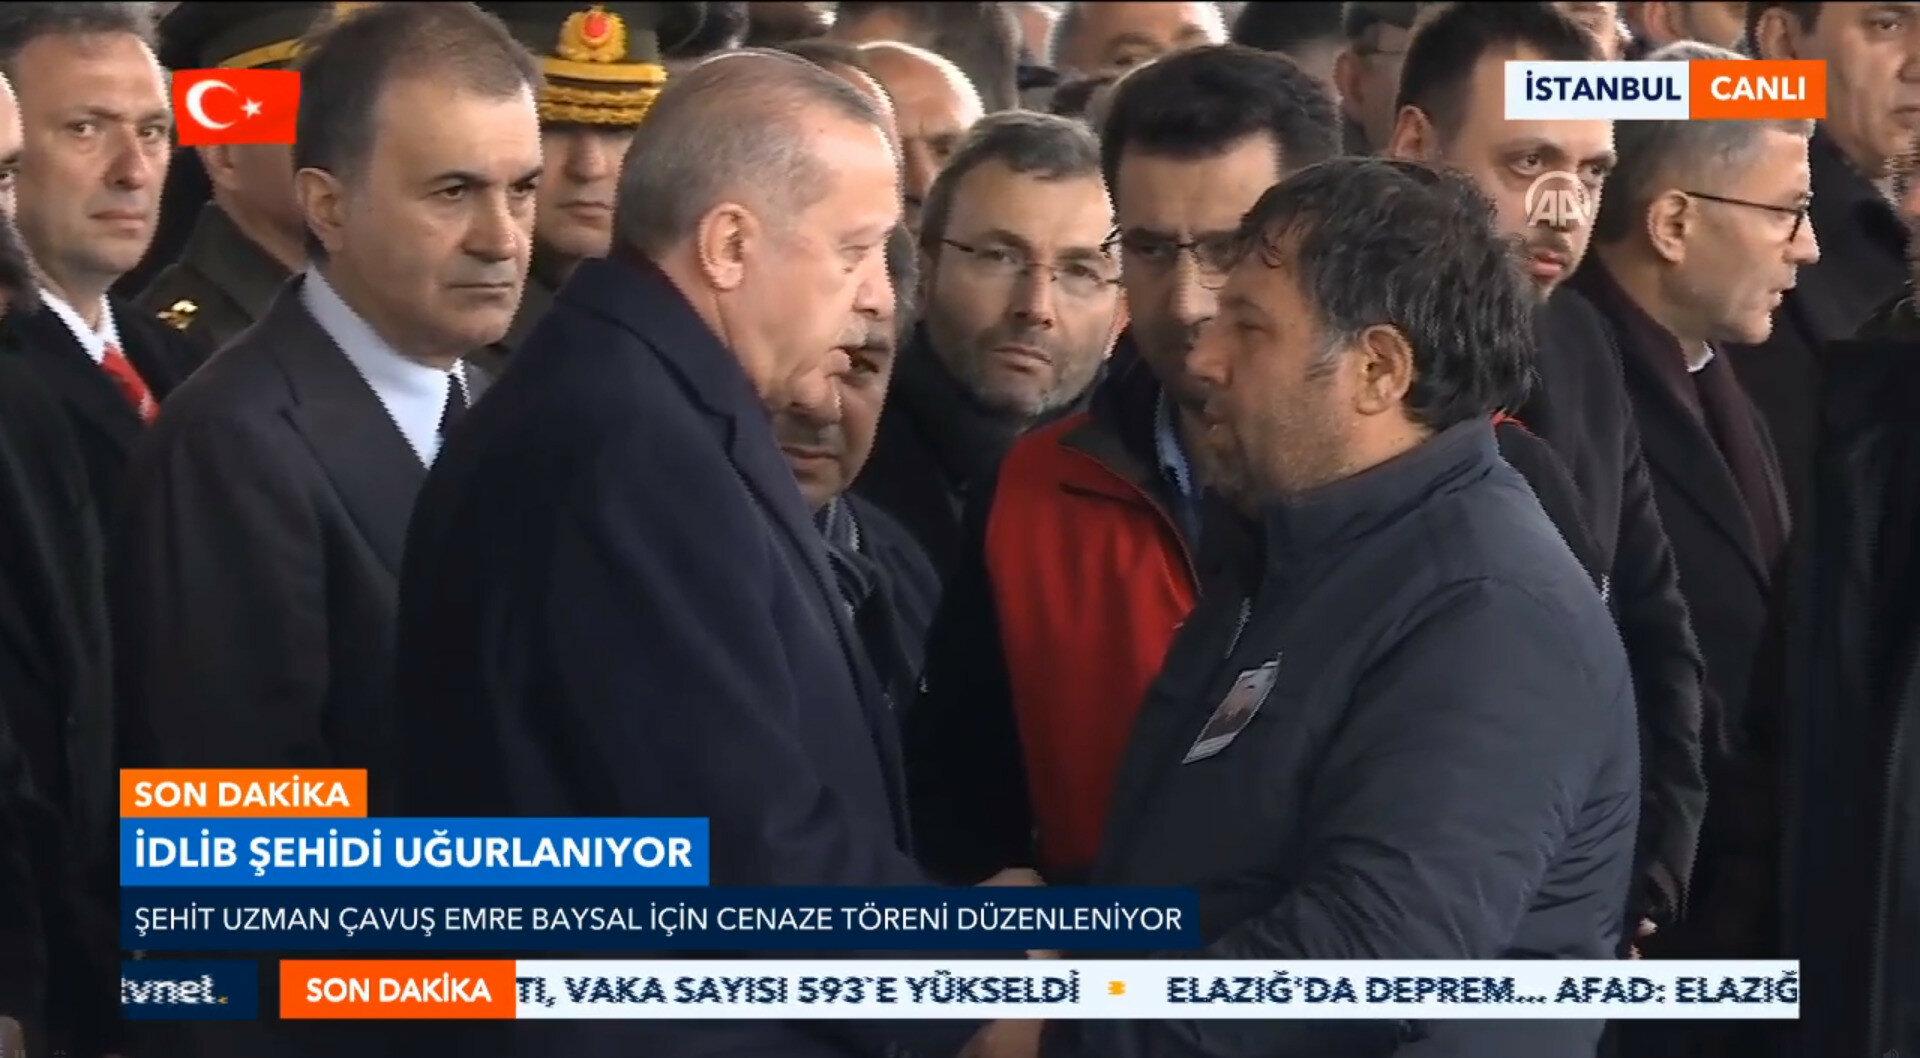 erdogan-a-005.jpg